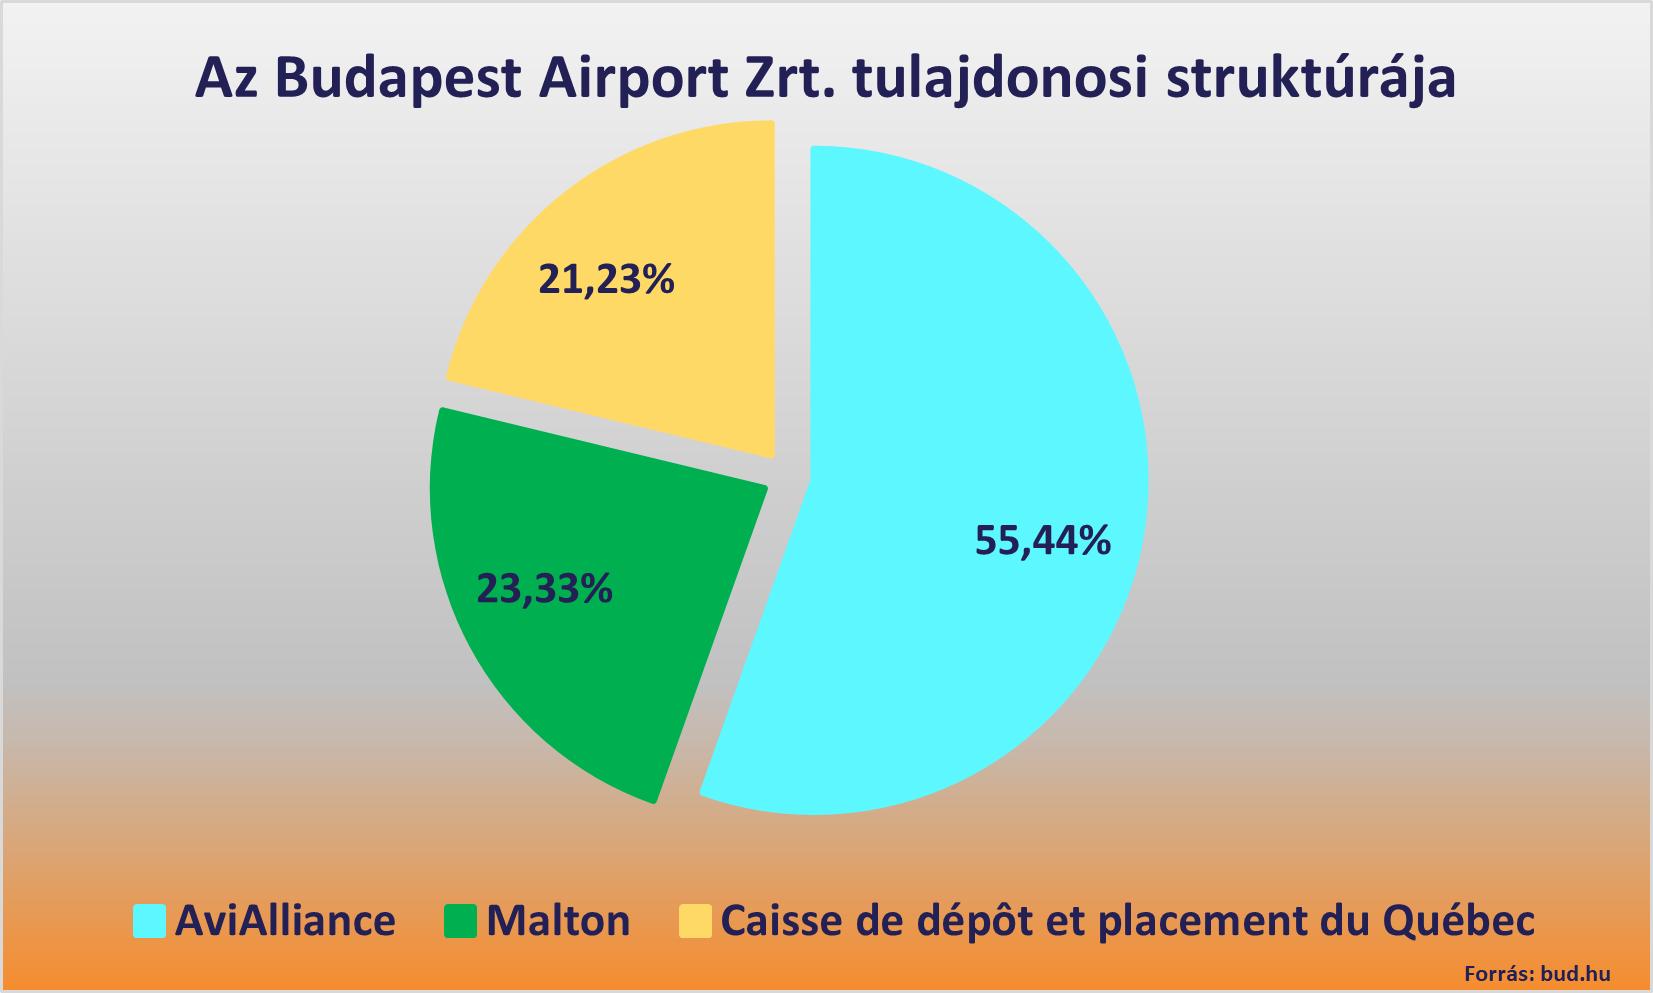 Liszt Ferenc repülőtér tulajdonosi struktúra diagram